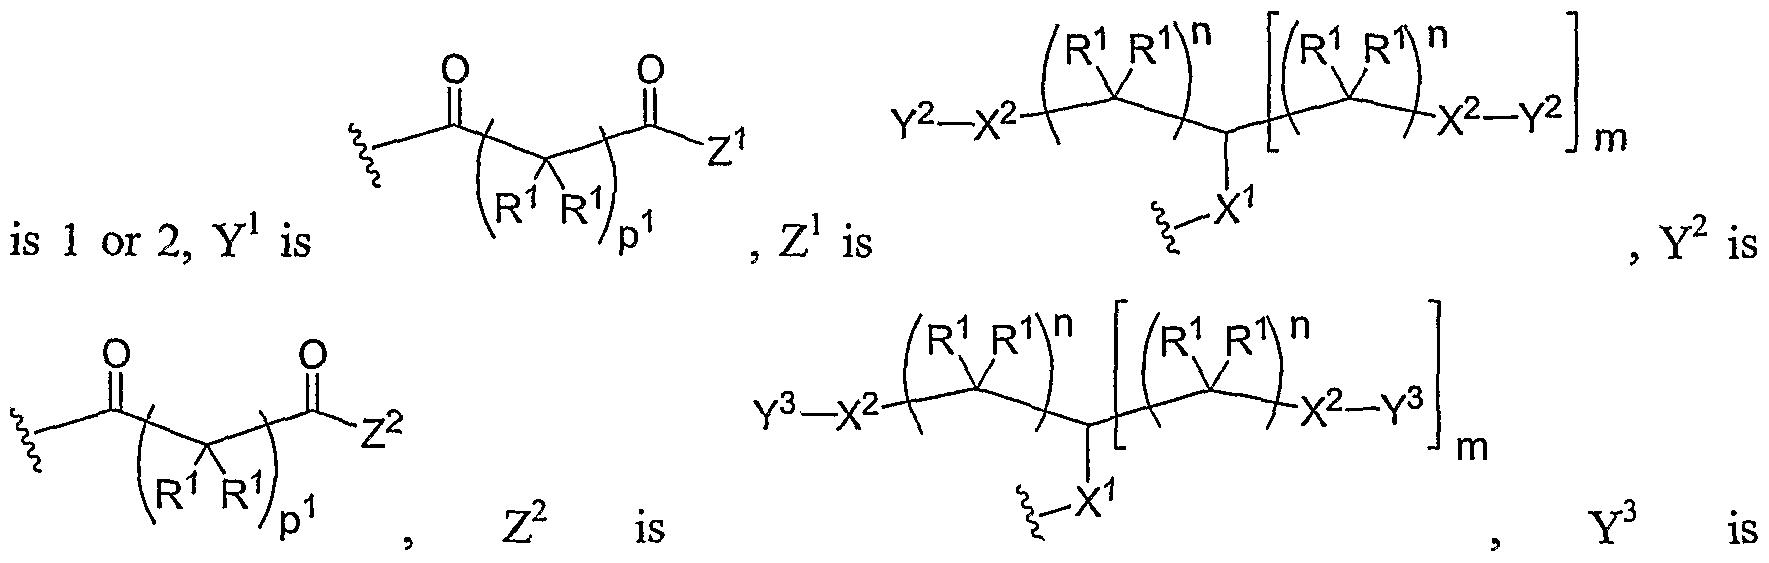 Figure imgf000158_0005